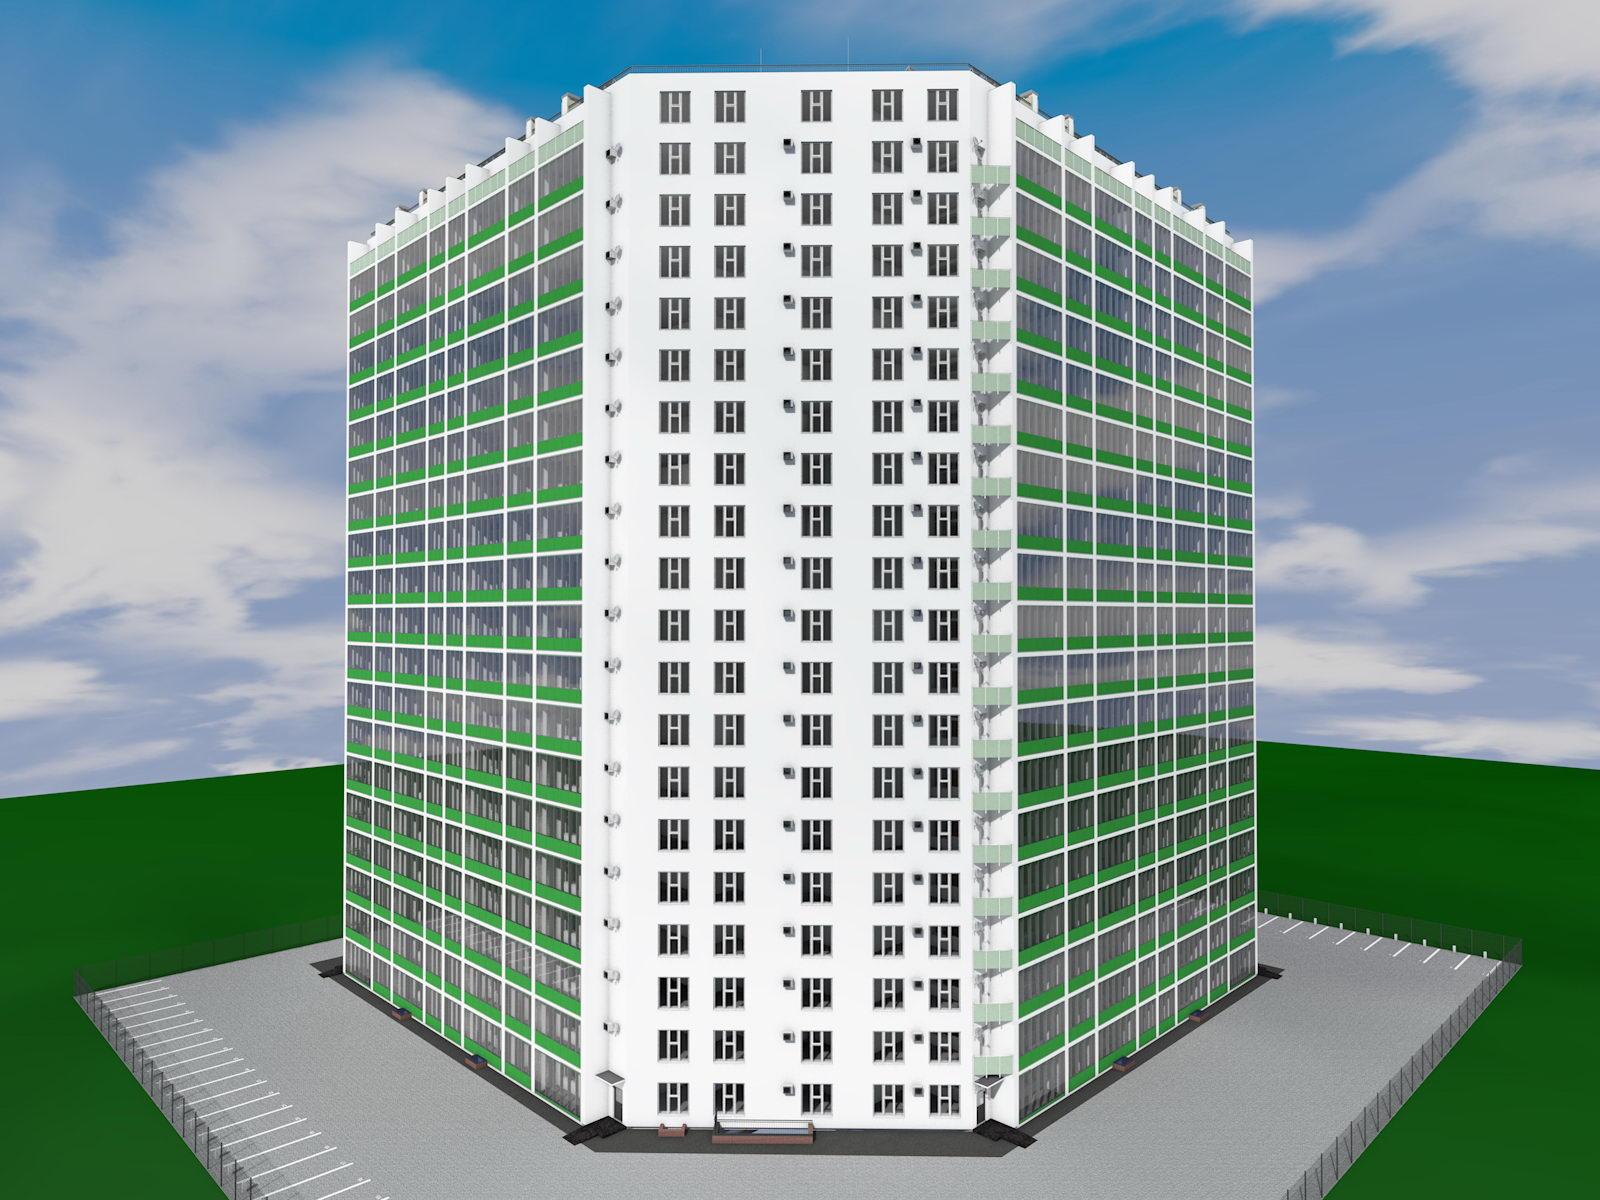 На Парковом может появиться девятнадцатиэтажный жилой комплекс